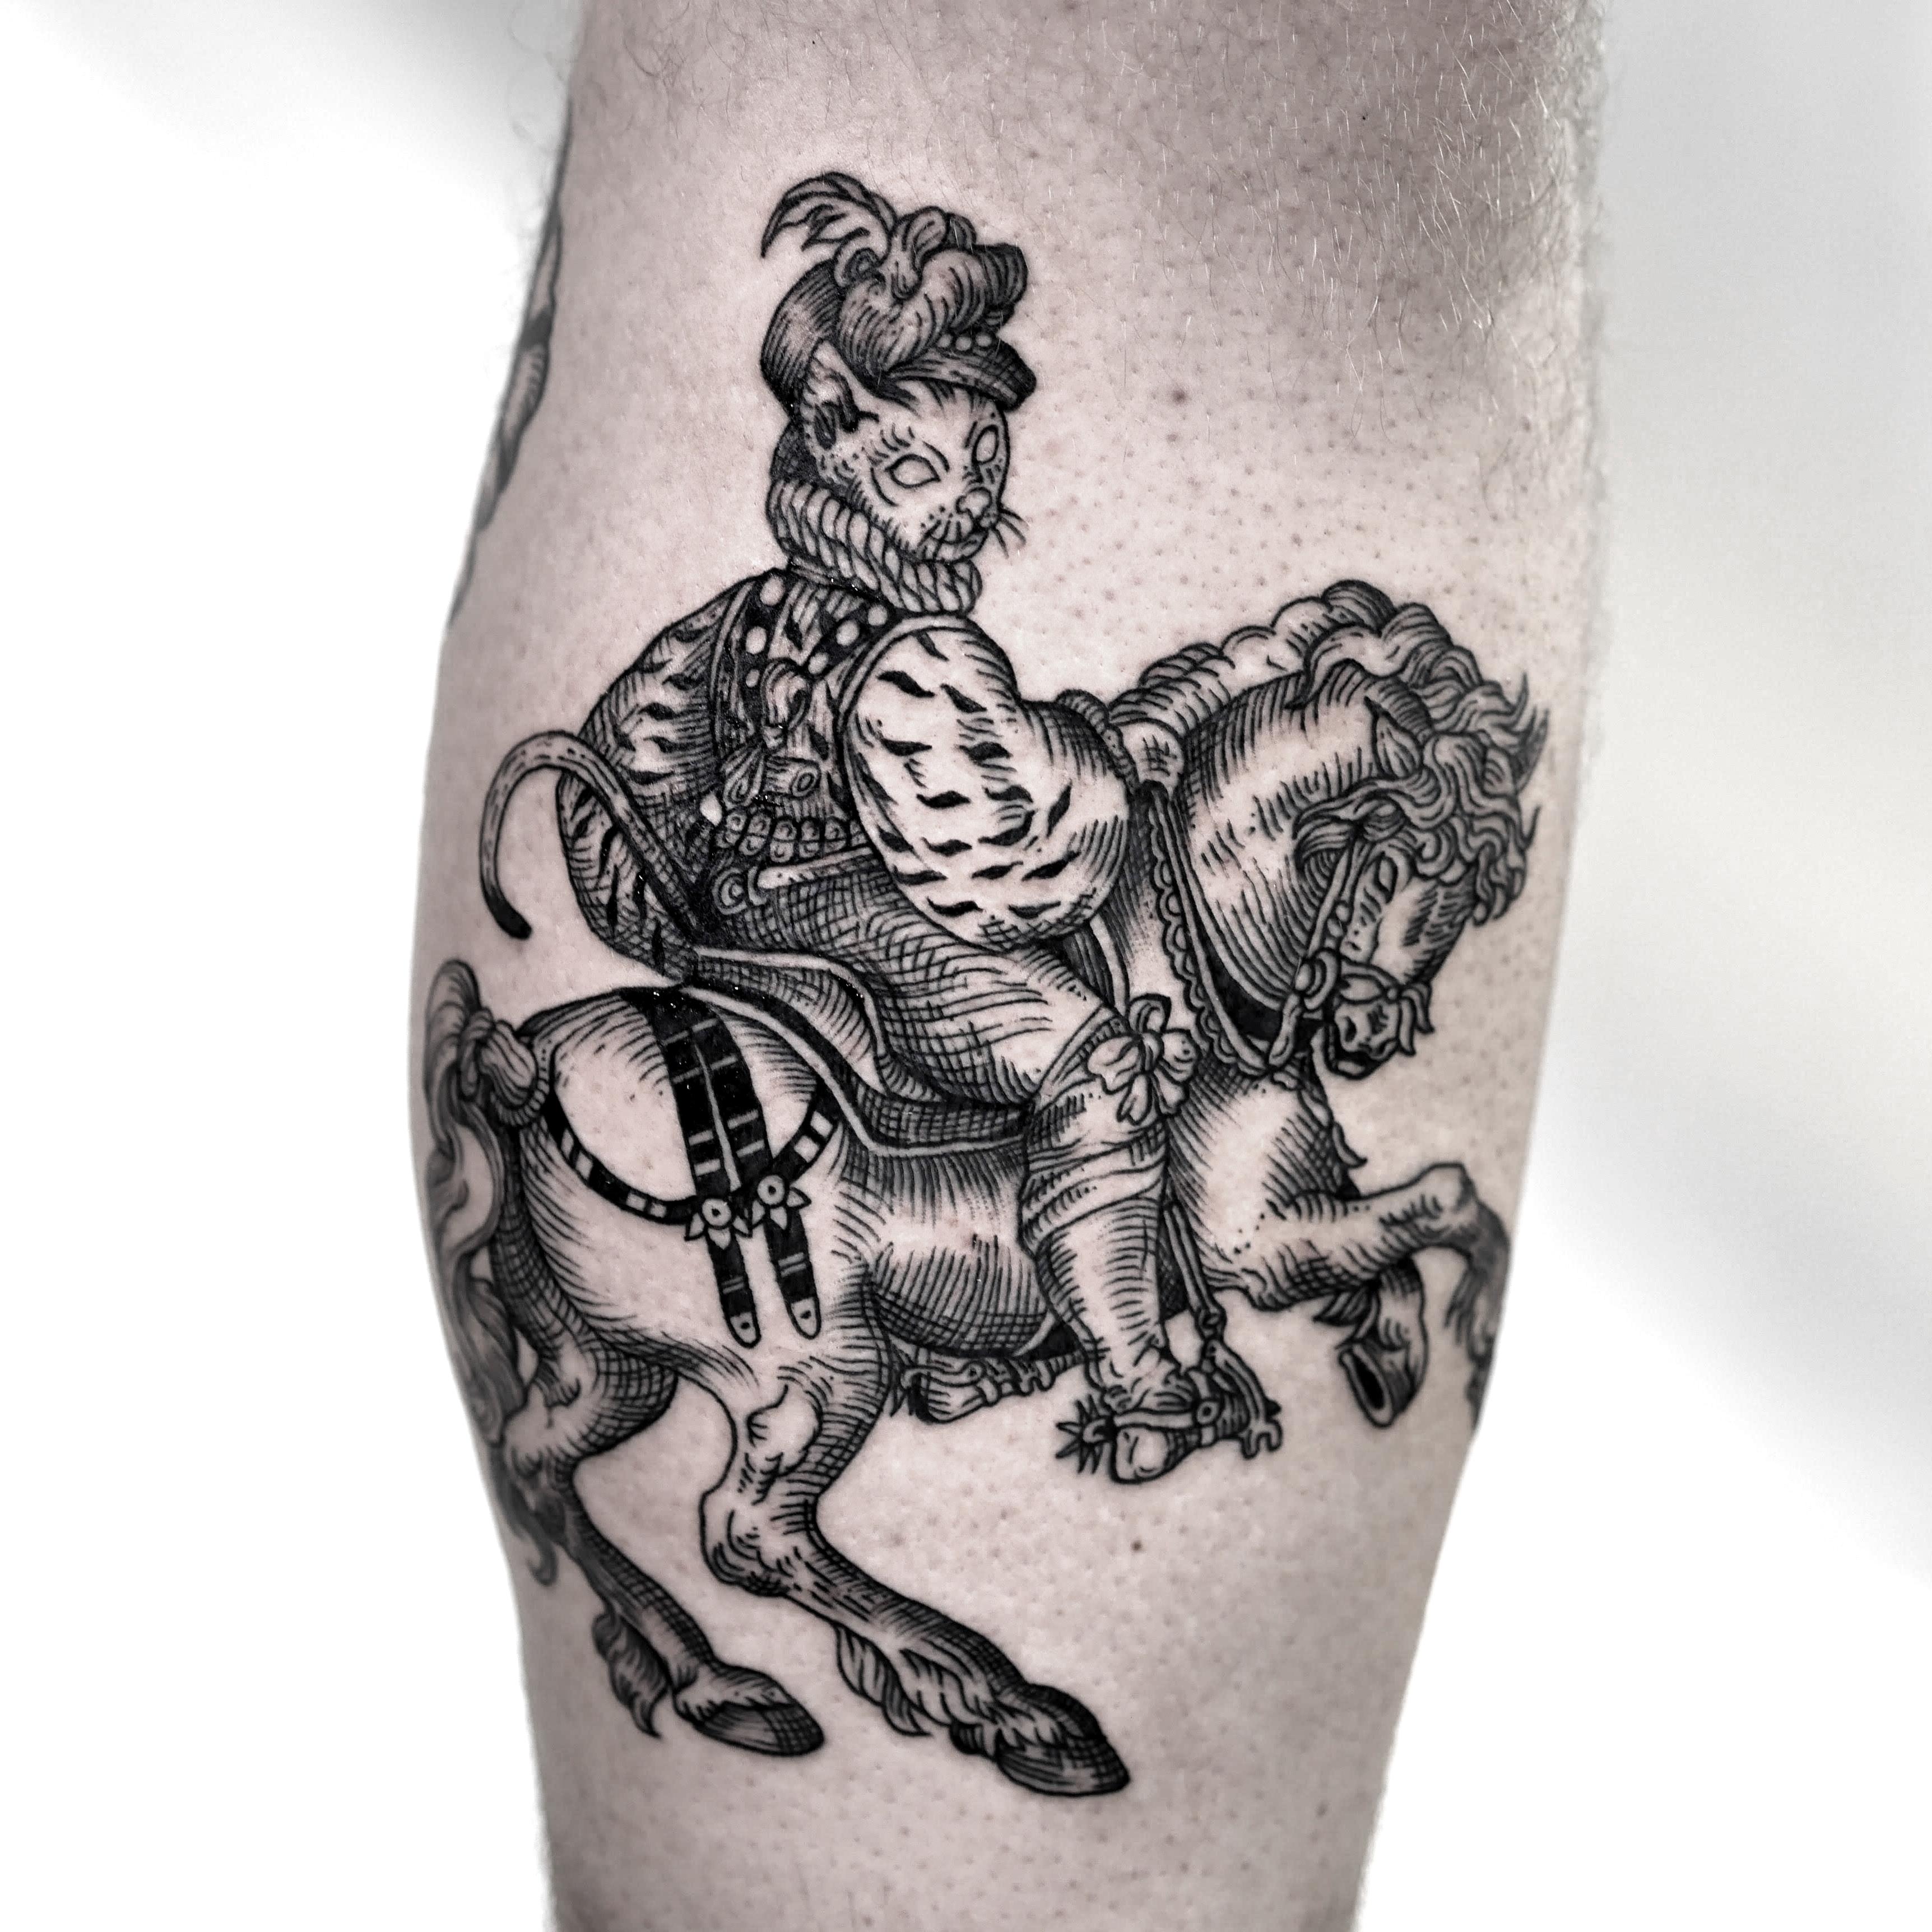 Inksearch tattoo Ola Krupnik